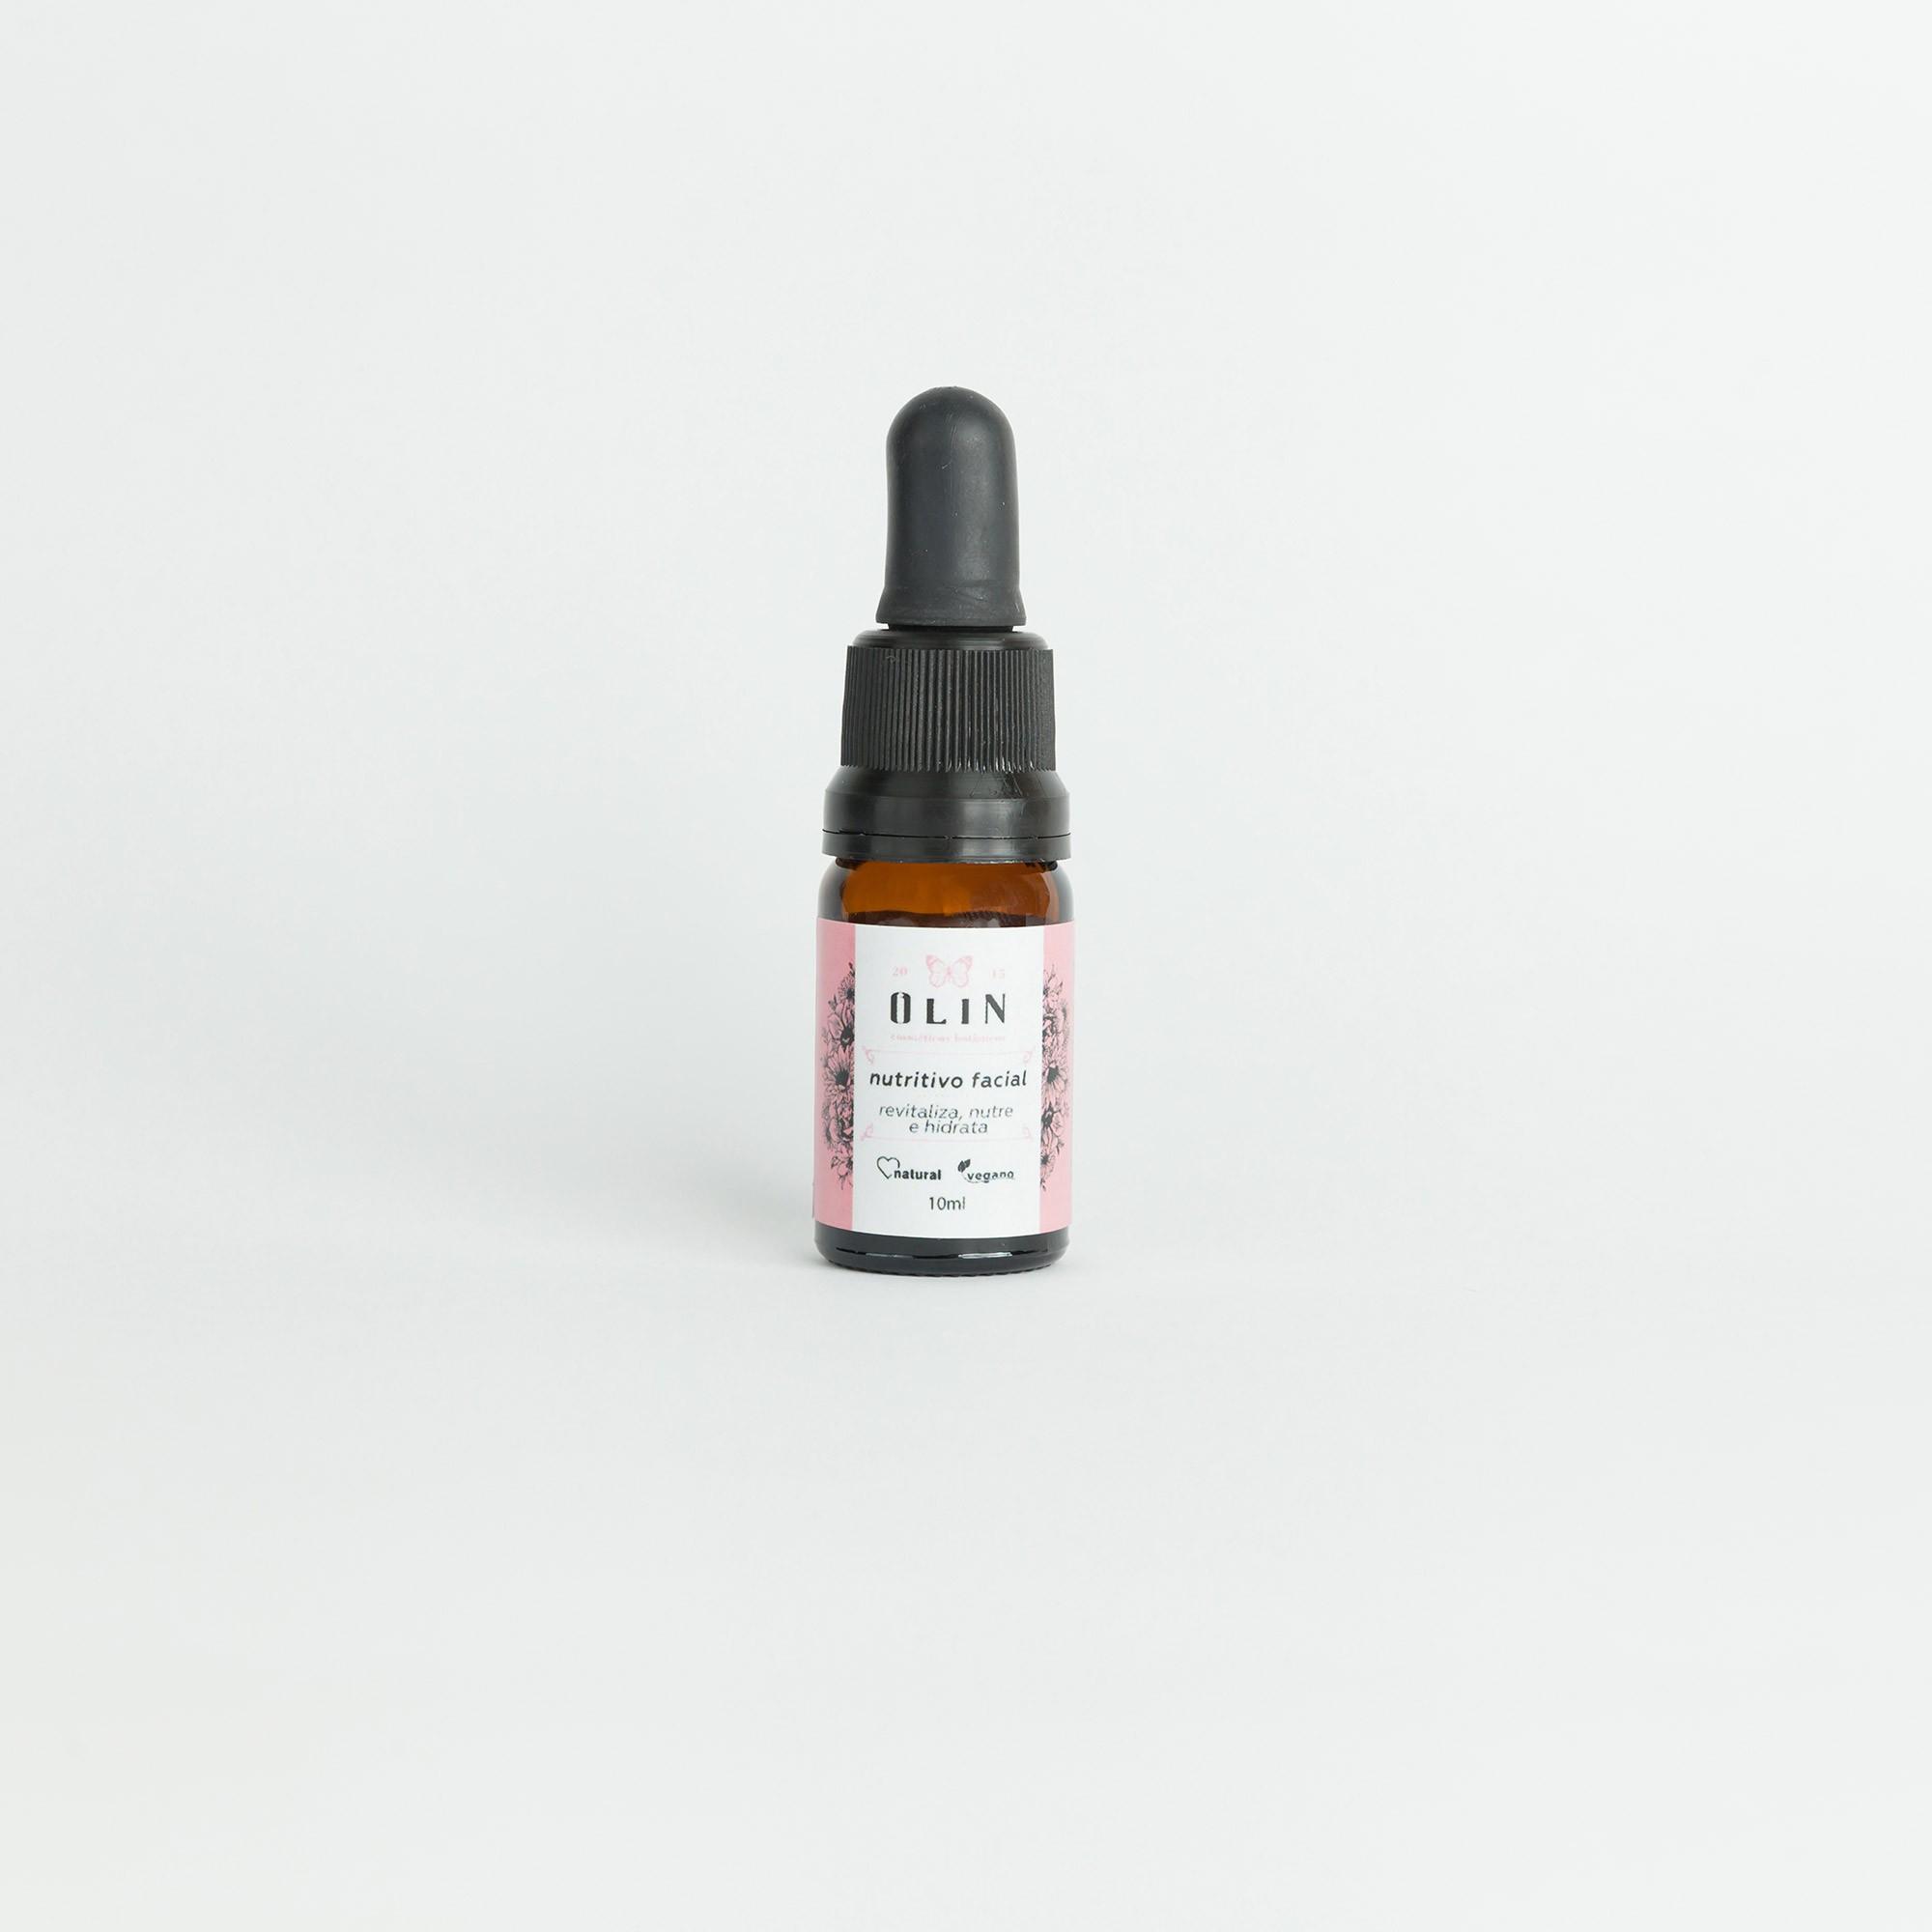 Óleo Nutritivo Facial Olin Cosméticos Botânicos - 10ml